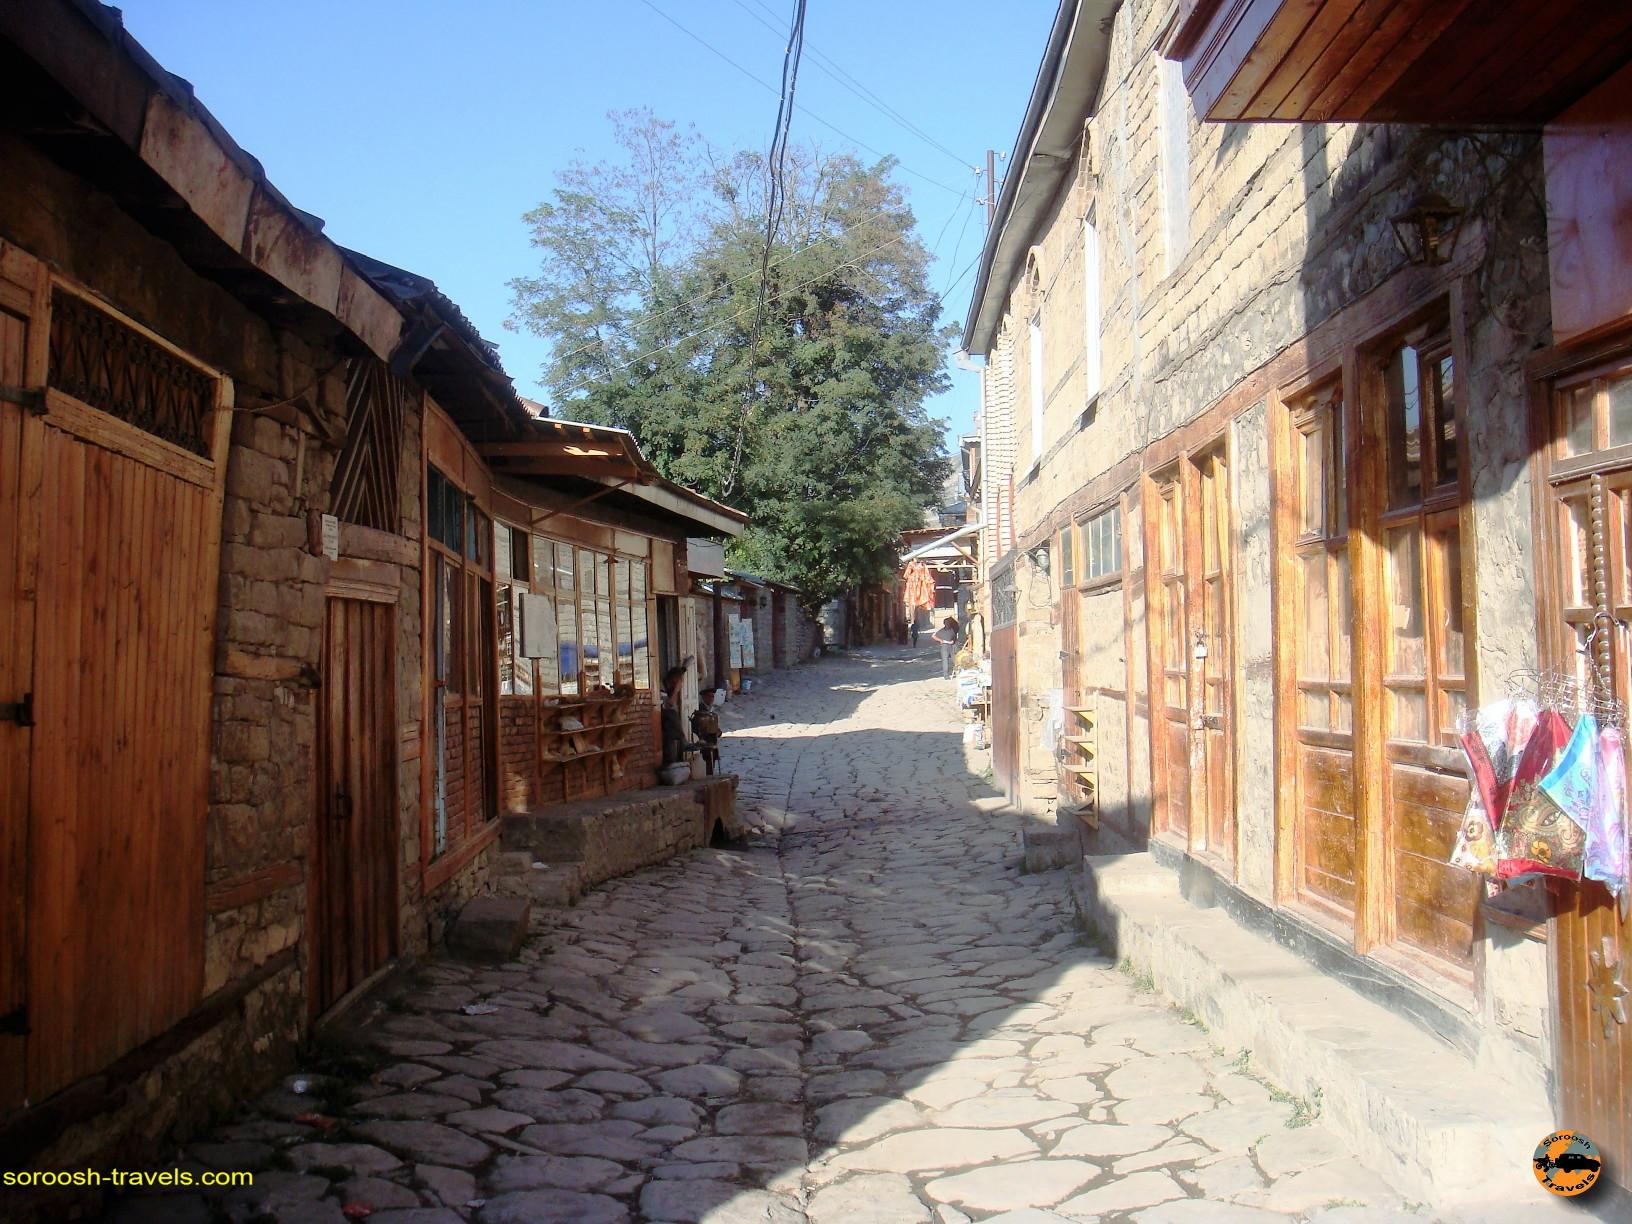 زبان تاتی در روستای تاریخی لاهیج در کشور آذربایجان - تابستان ۱۳۹۱